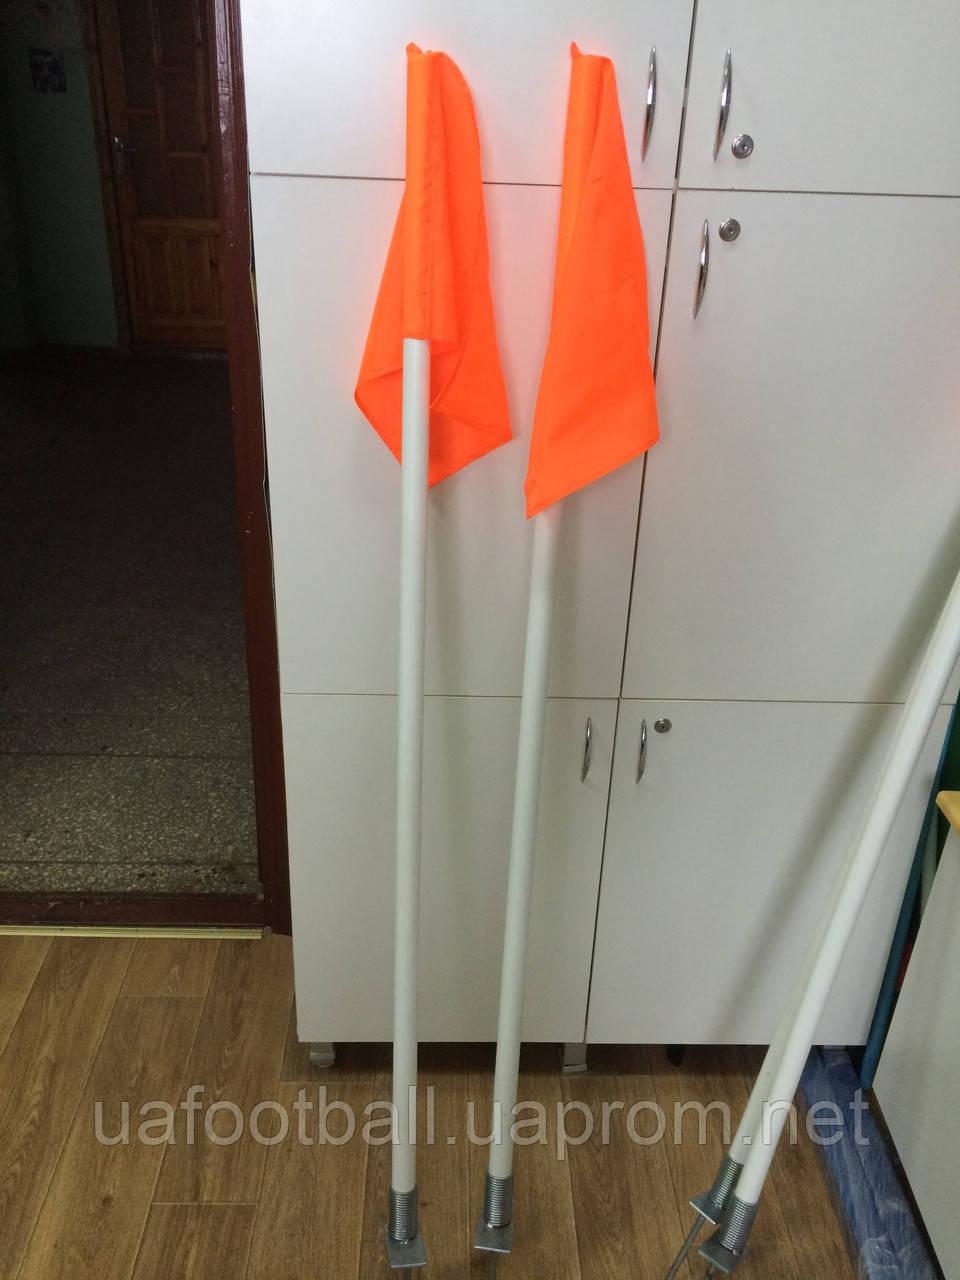 Флаги угловые на пружинах - SportsCity в Житомире